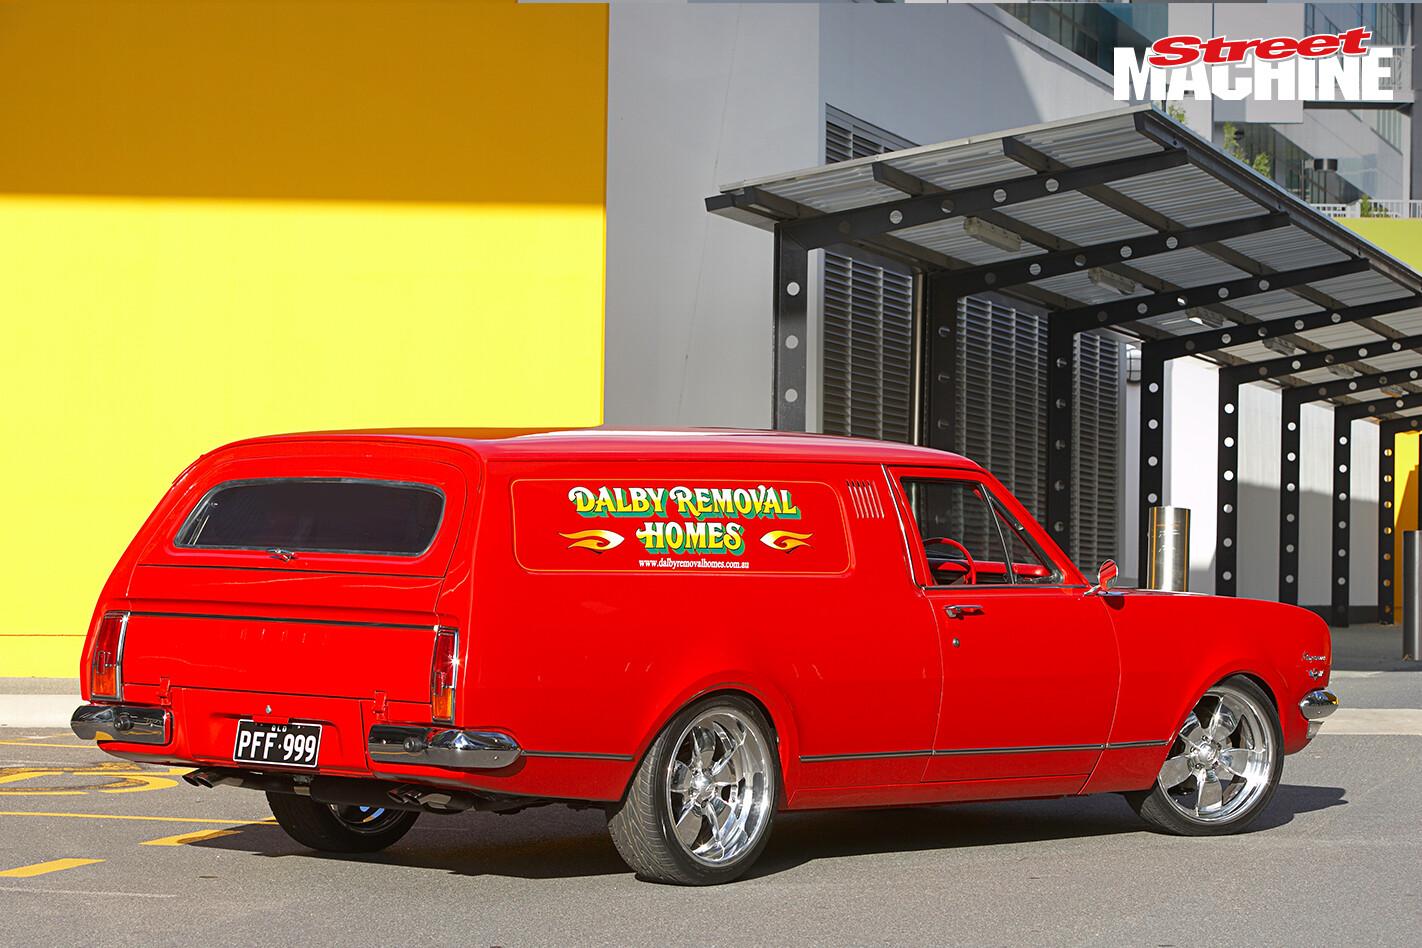 HK Holden Panel Van 8 Nw